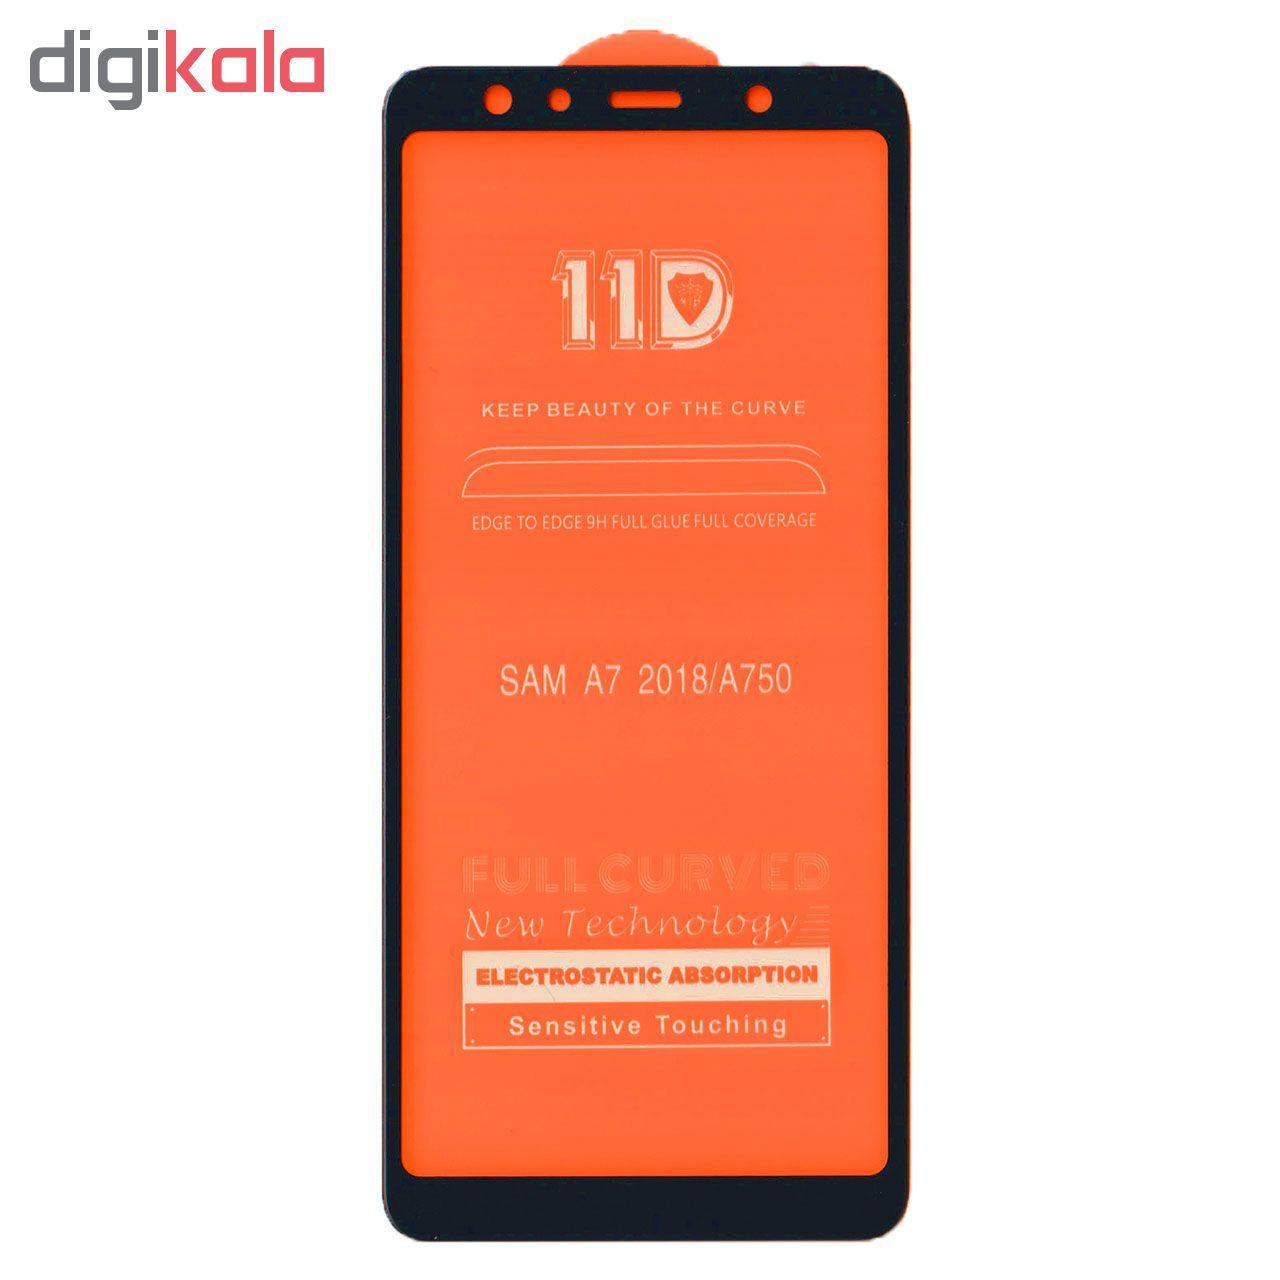 محافظ صفحه نمایش کوکو مدل 11D مناسب برای گوشی موبایل سامسونگ Samsung A7 2018 / A750 main 1 2